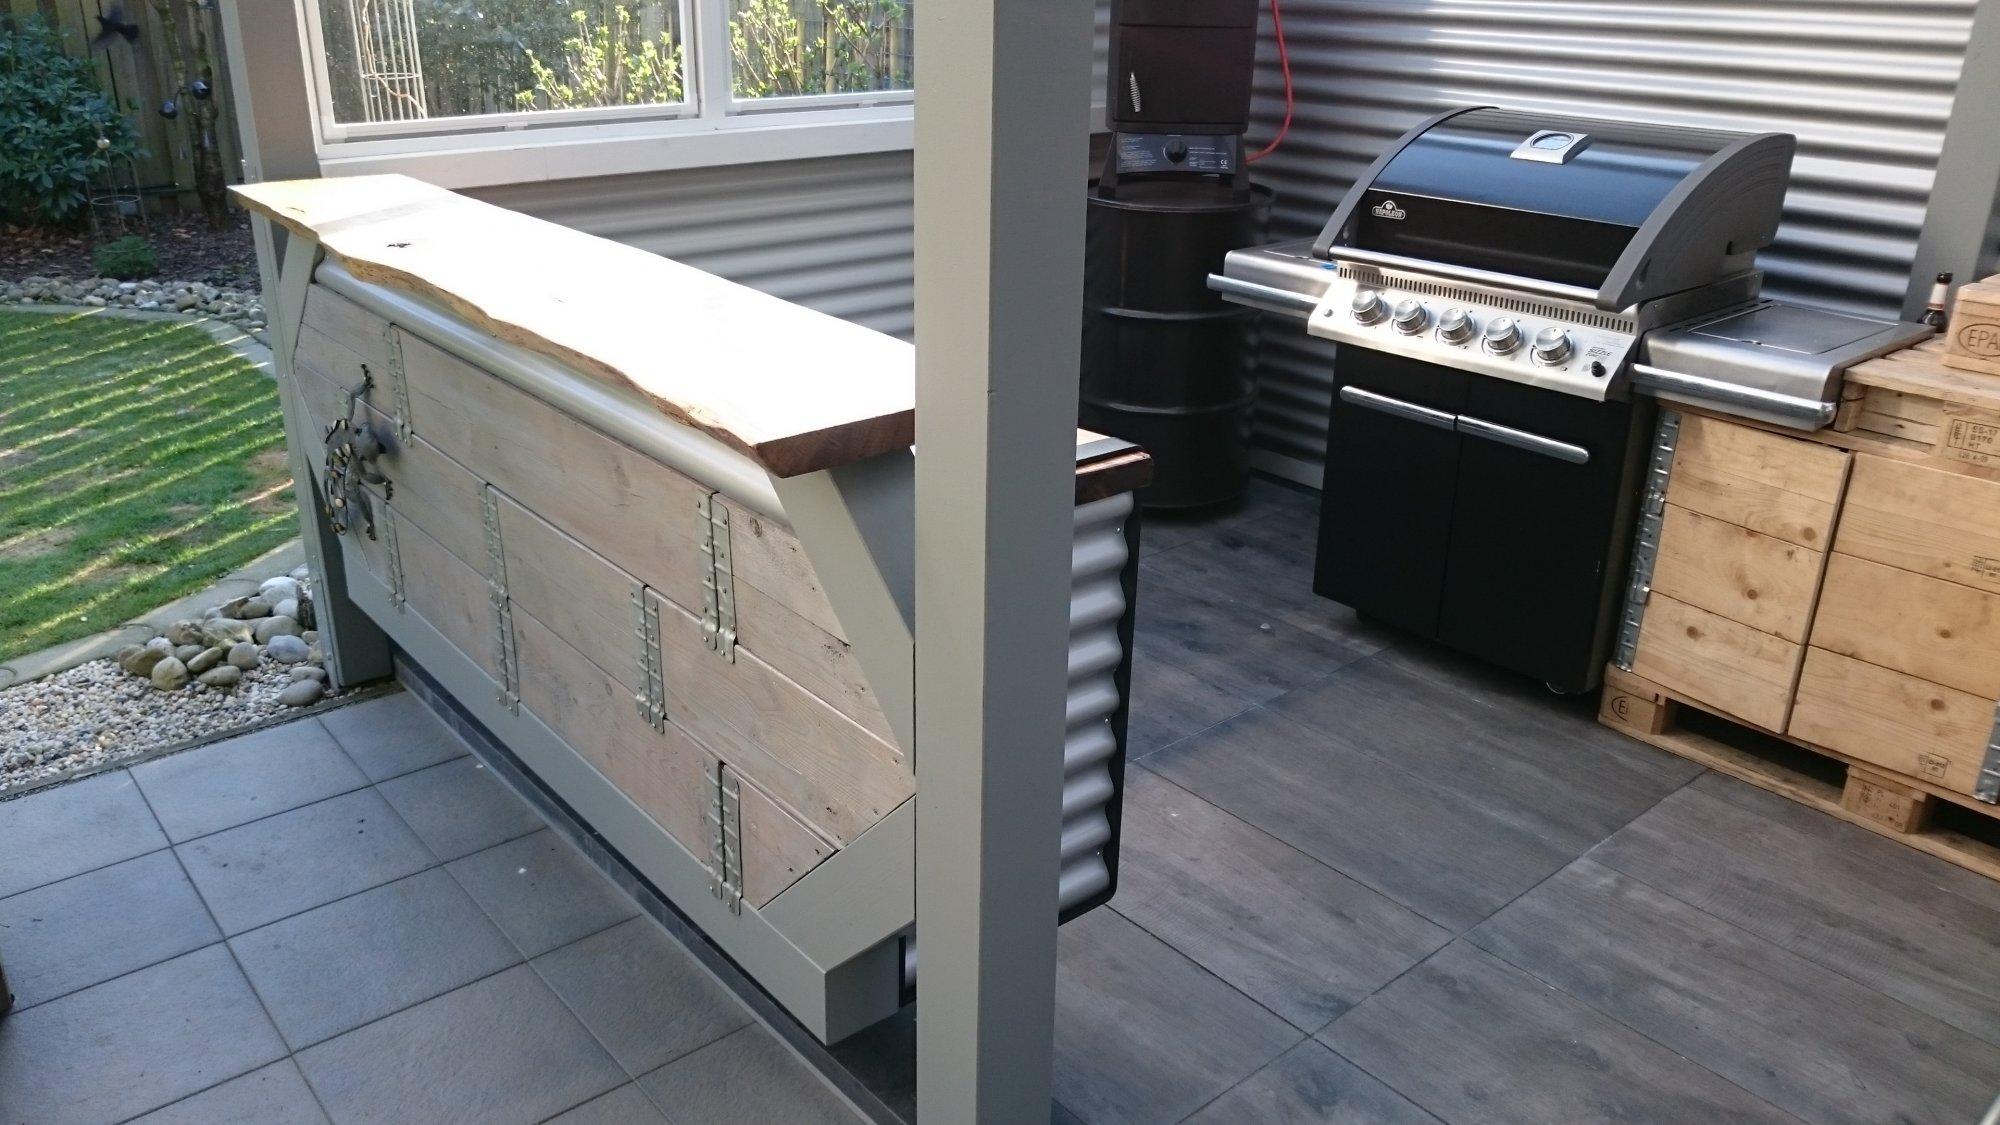 Outdoor Küche Grillsportverein : Meine neue theke in der outdoorküche. grillforum und bbq www